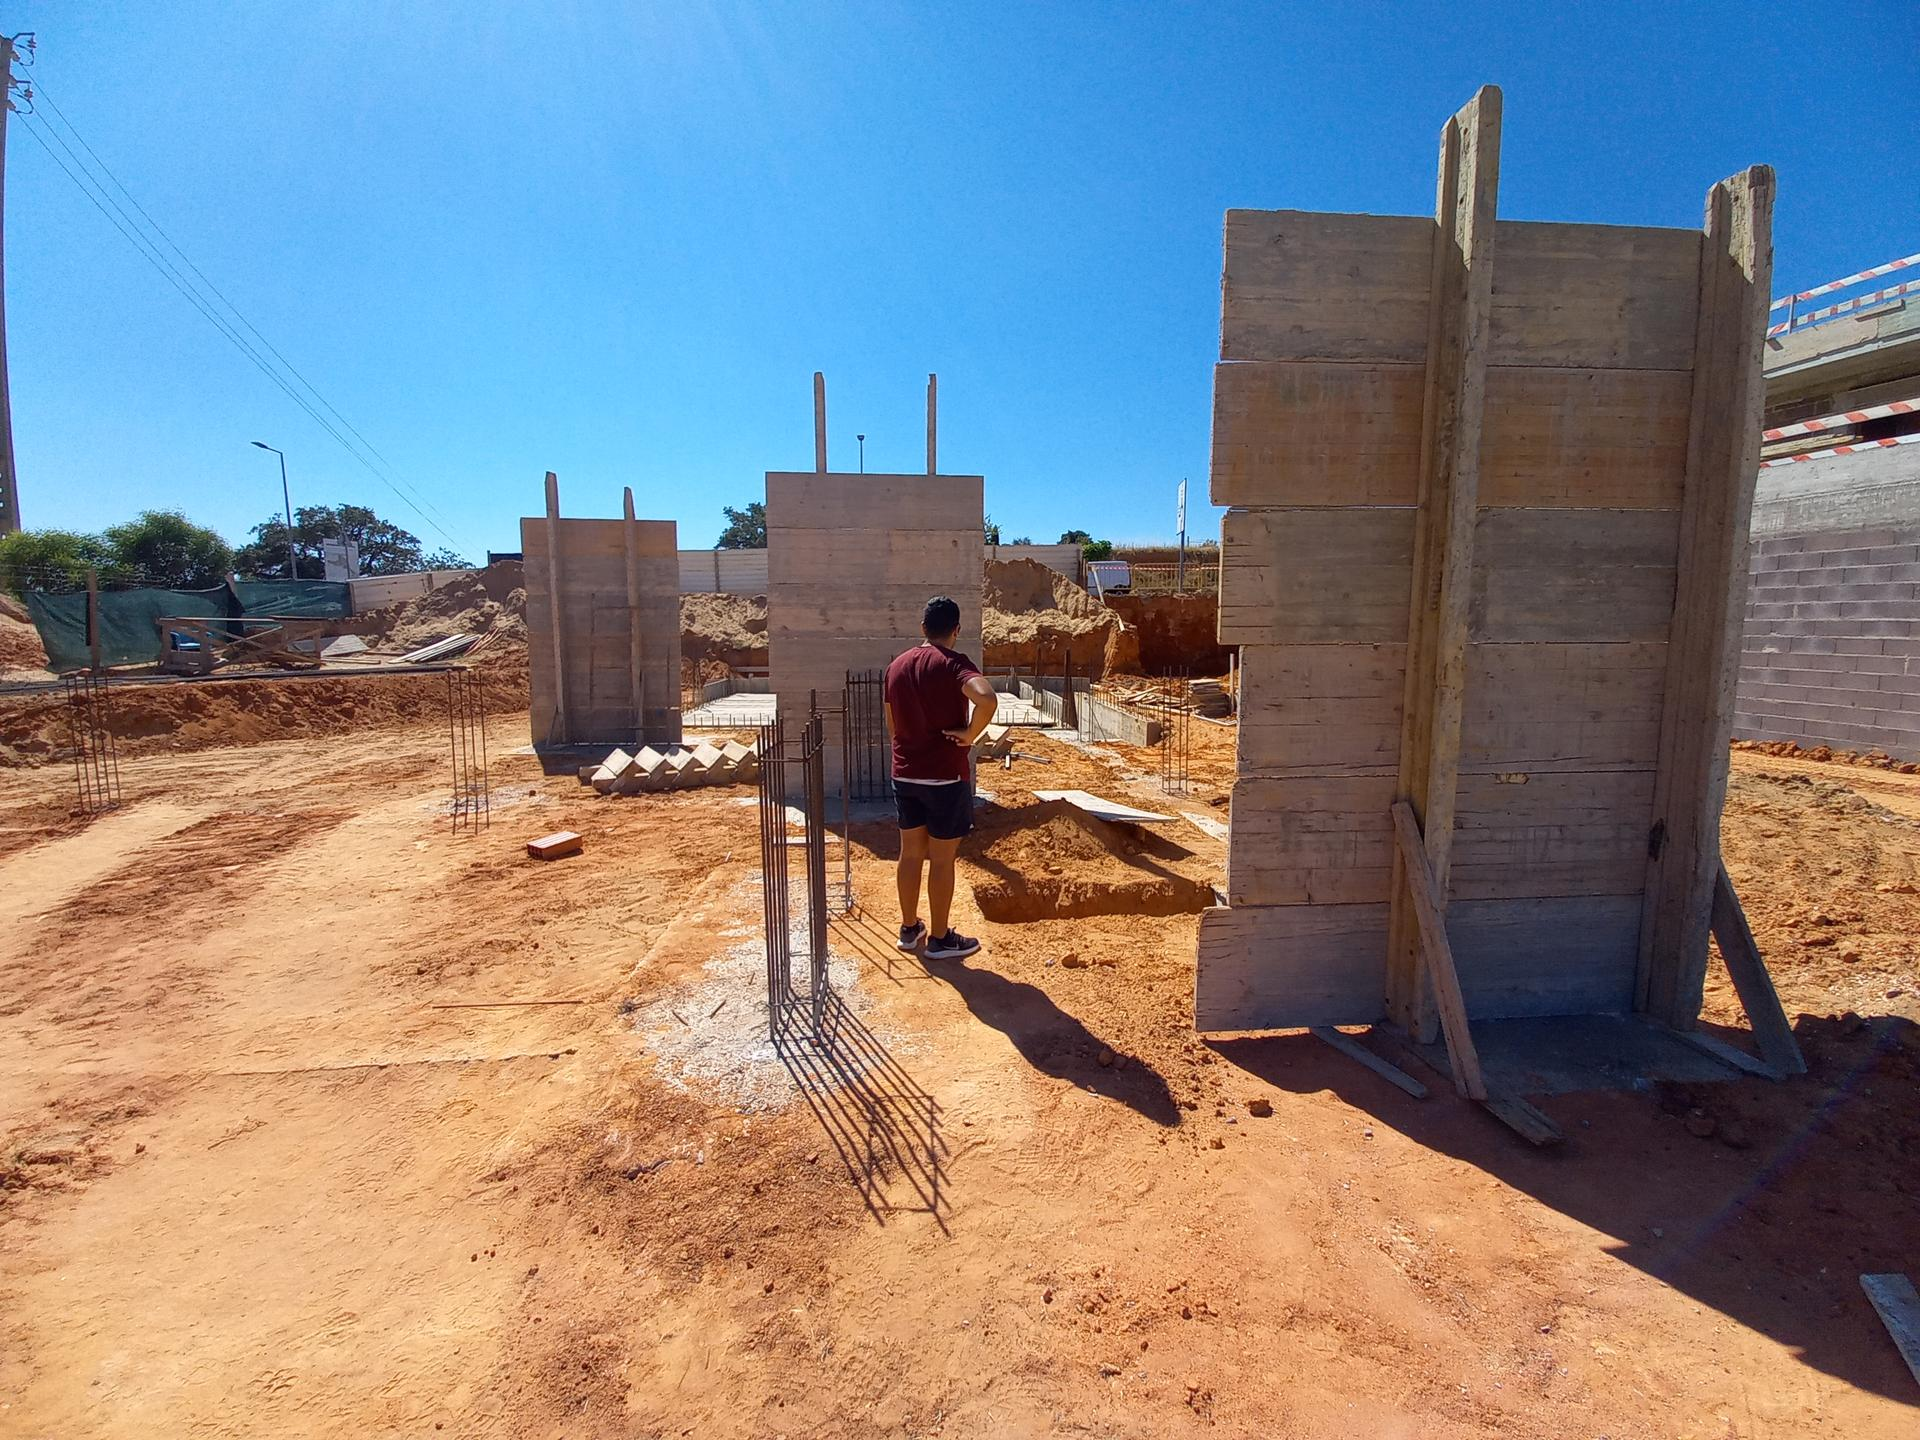 Náš portugalský domov ❤️🏡 - 29. Jún 2021 Príprava na zalievanie oporných stĺpov